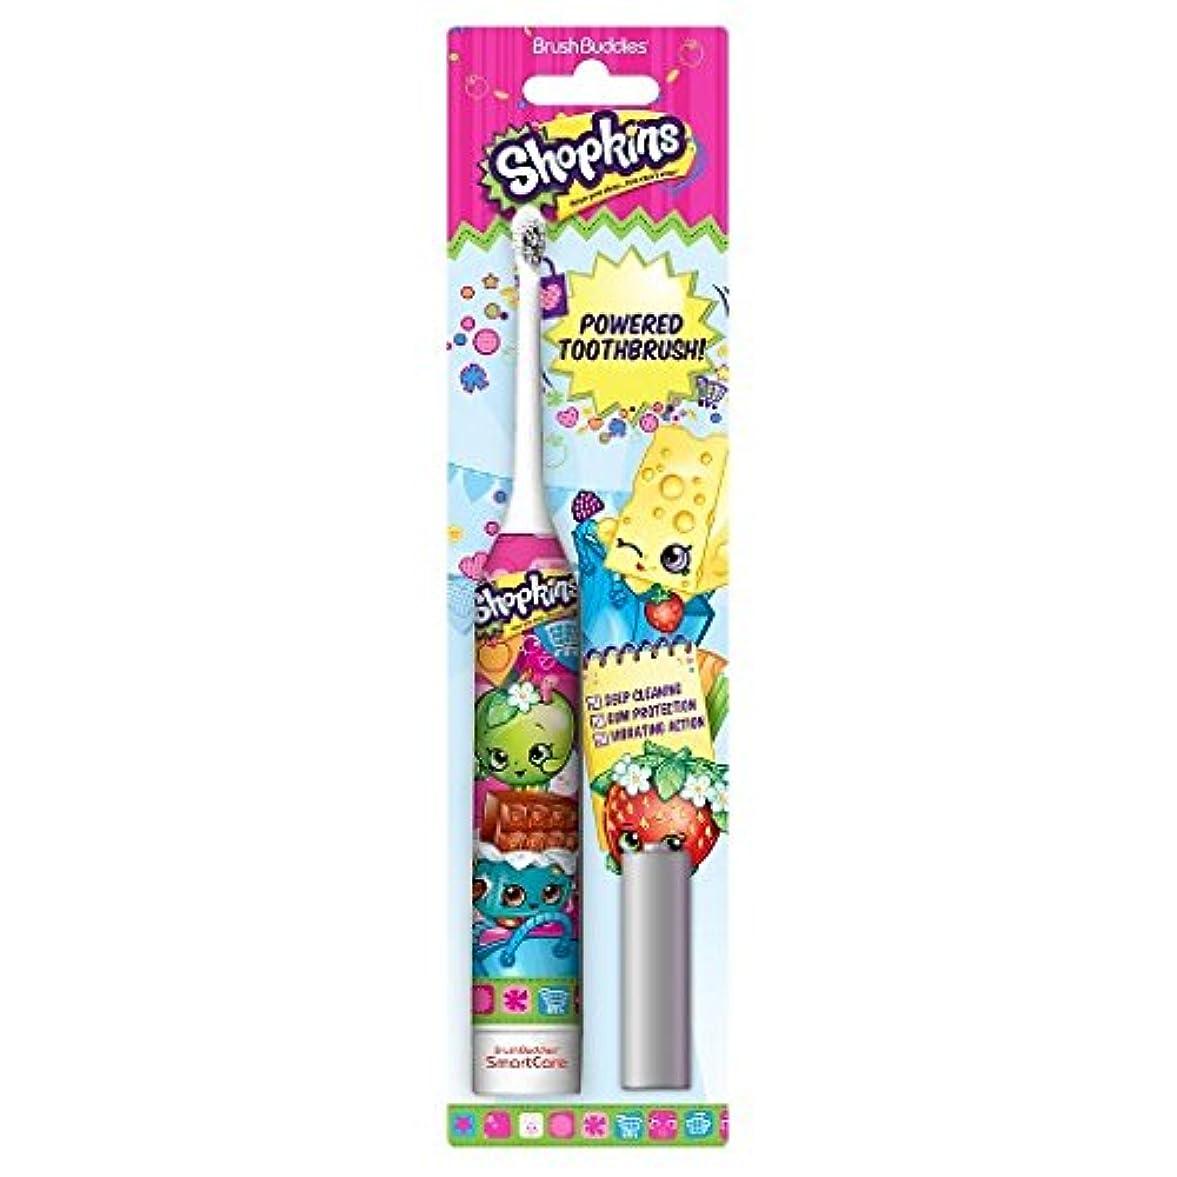 合金宿命テザーBrush Buddies Shopkins Sonic Powered Toothbrush ソニックパワード電動歯ブラシ [並行輸入品]